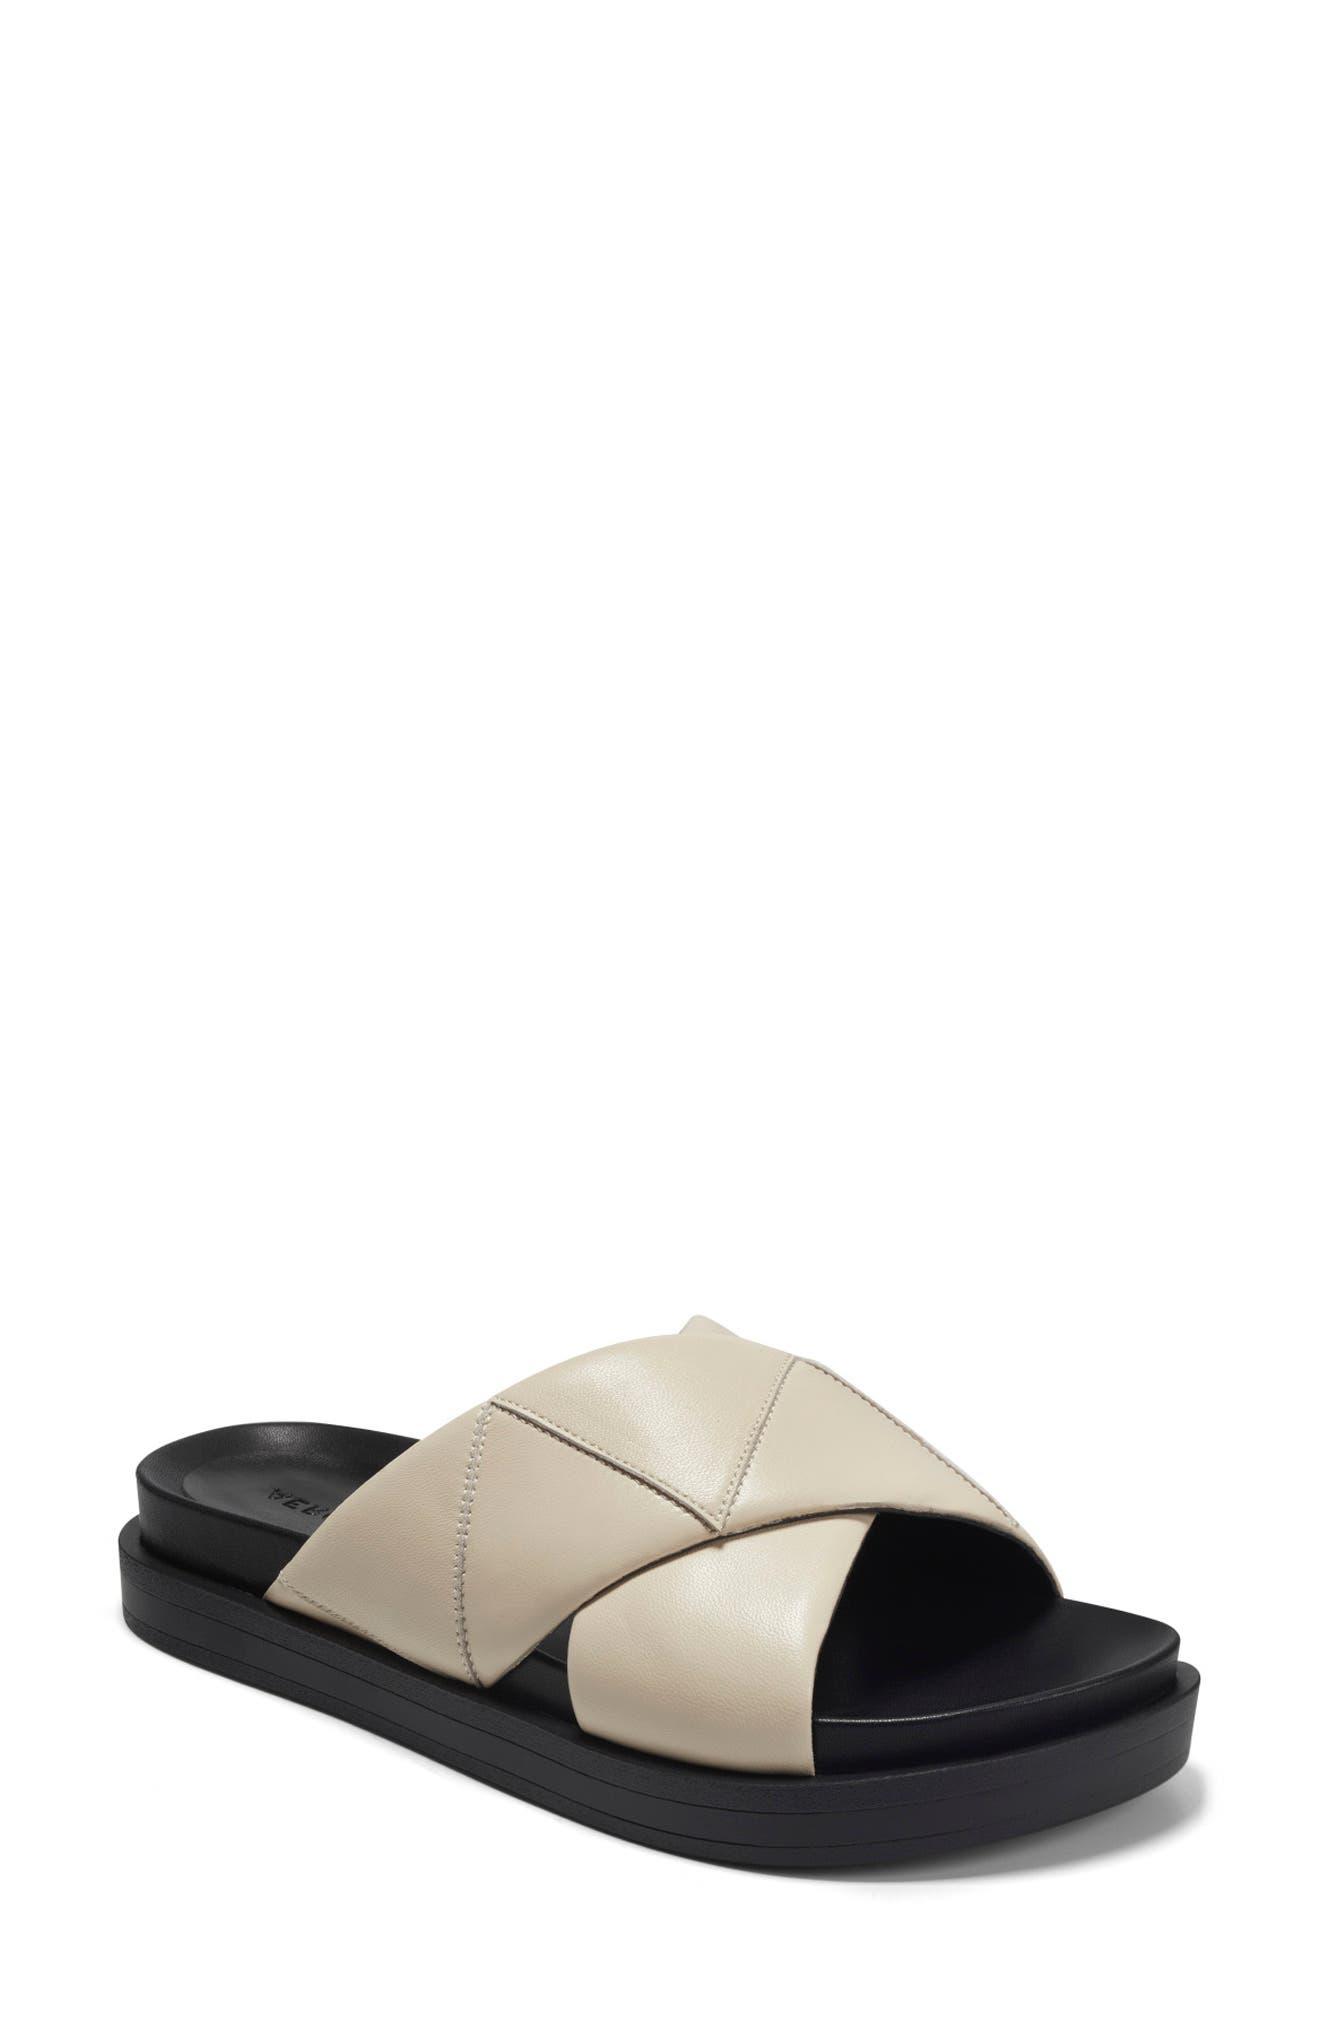 Women's Aersoles Linney Slide Sandal